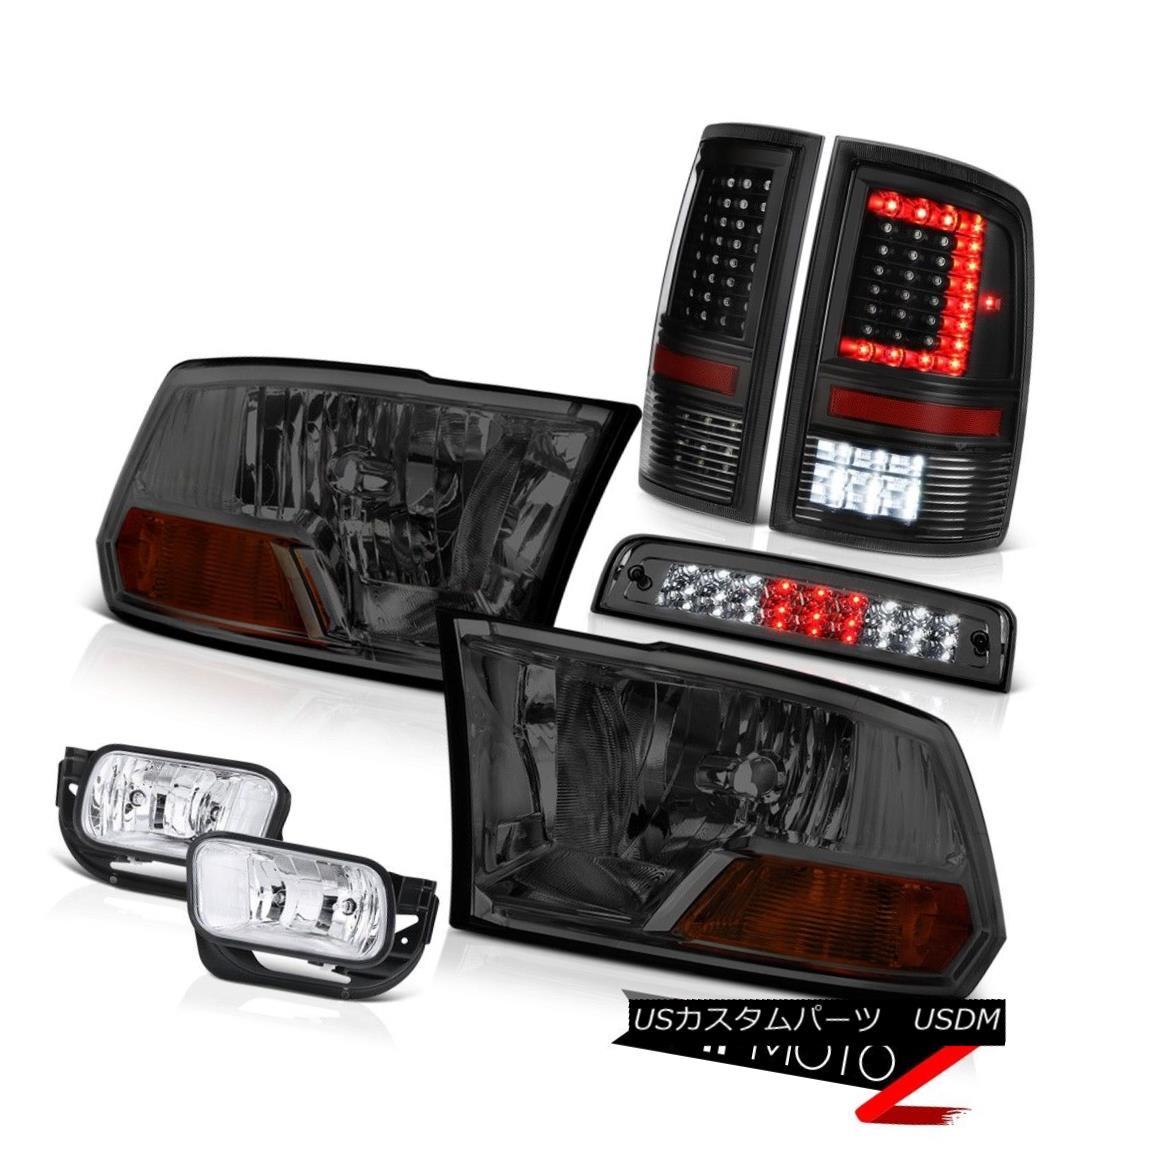 テールライト 09-18 Dodge RAM 2500 3500 Tail Lights Fog Lamps Brake Factory Style Headlight 09-18 Dodge RAM 2500 3500テールライトフォグランプブレーキ工場スタイルヘッドライト